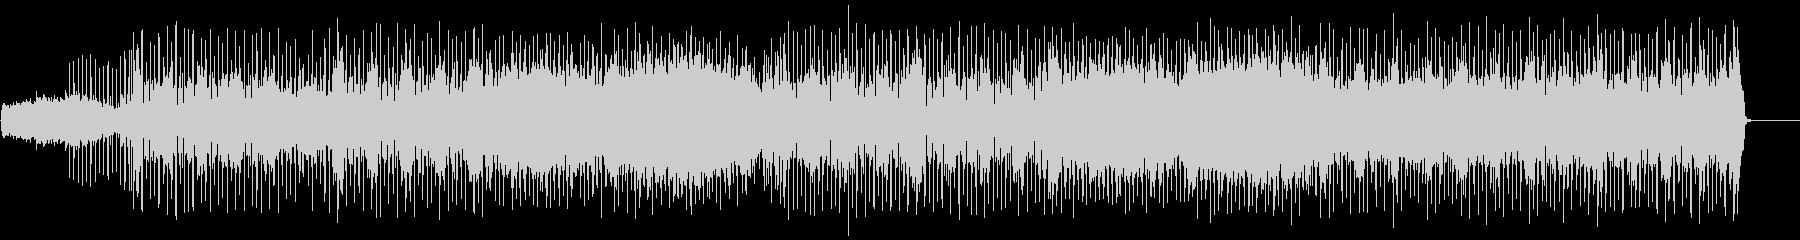 軽快なテンポで展開するファンクポップの未再生の波形